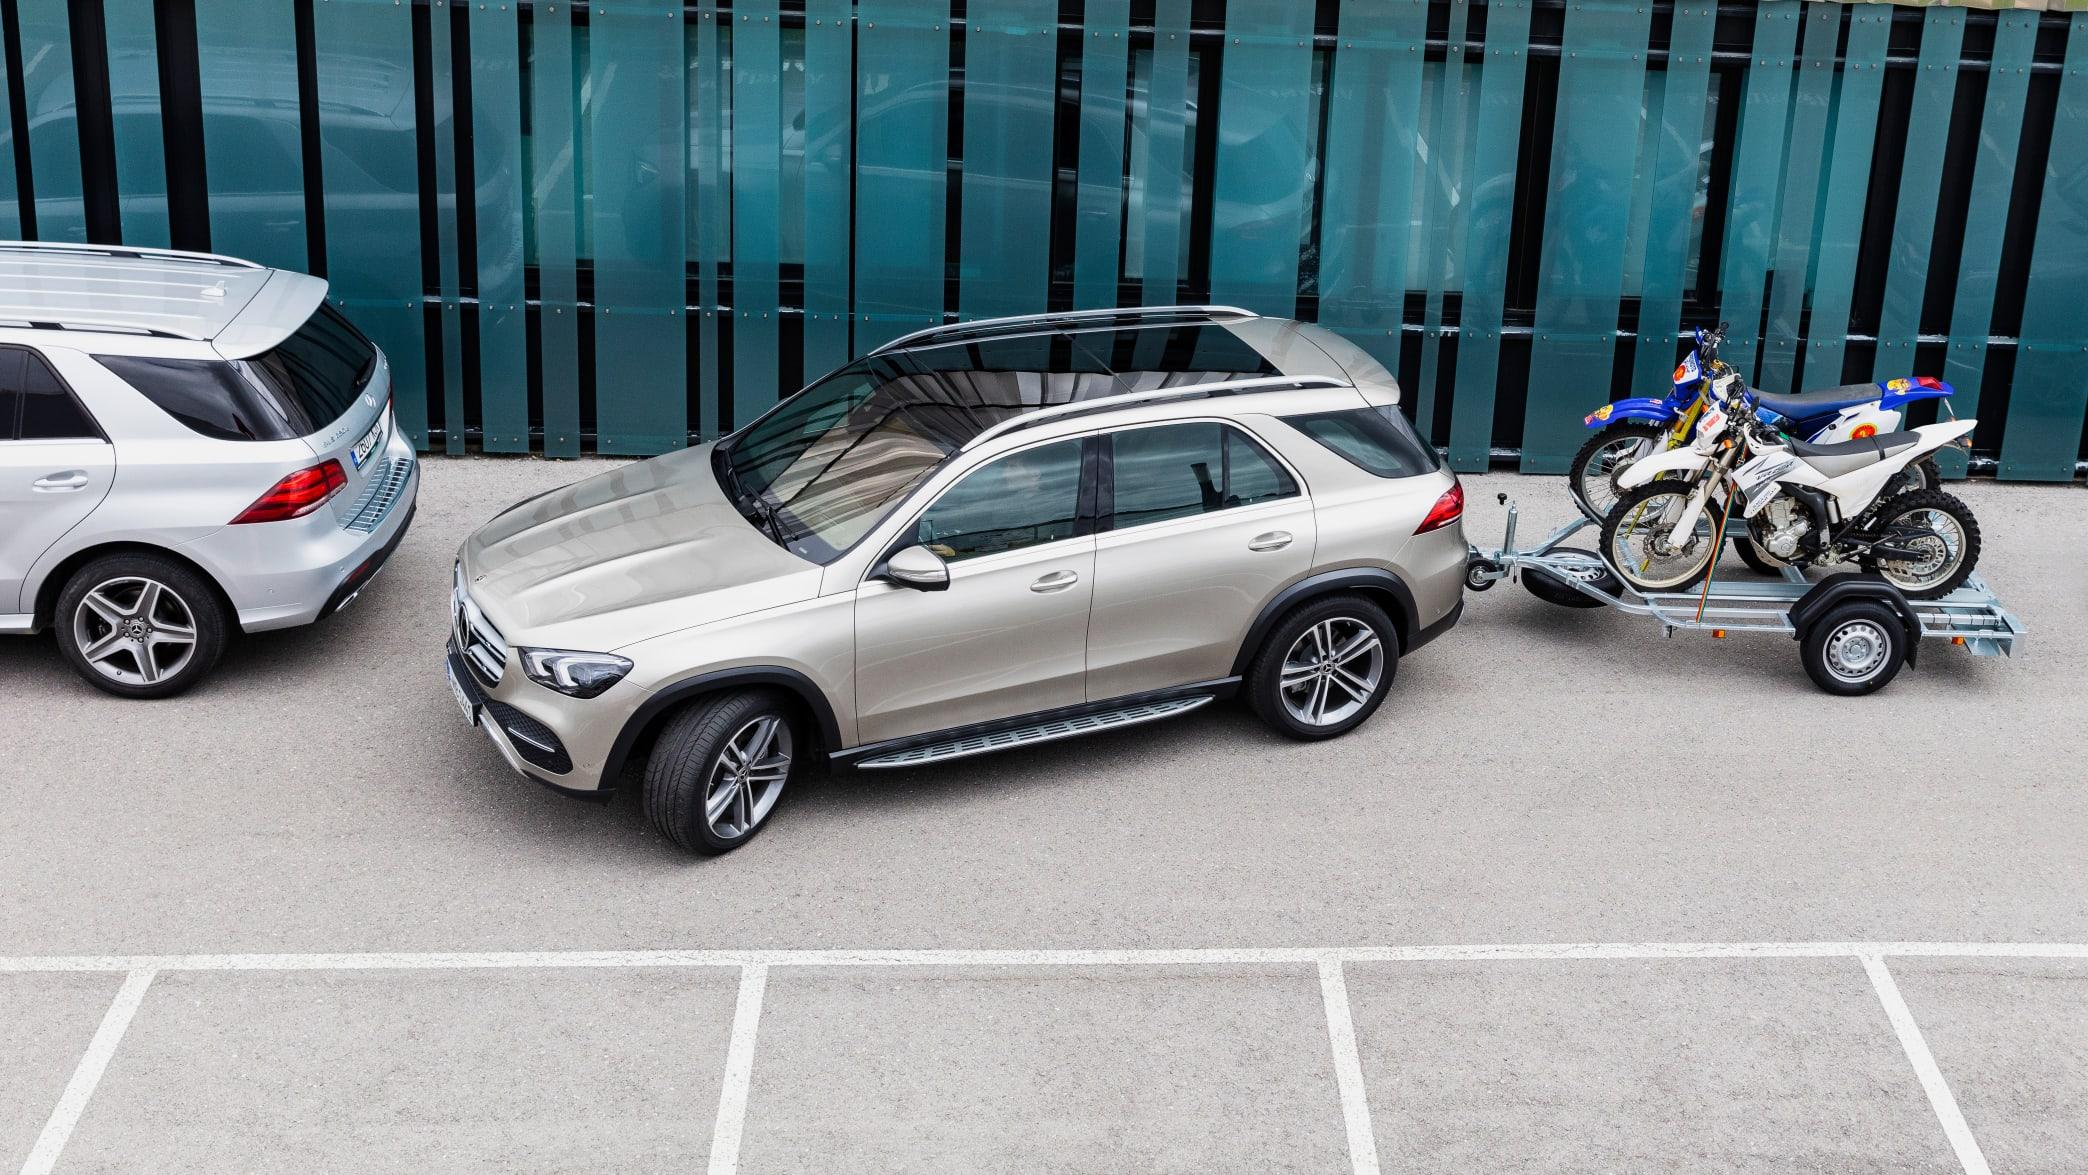 Silberner Mercedes GLE rangiert mit Anhanger